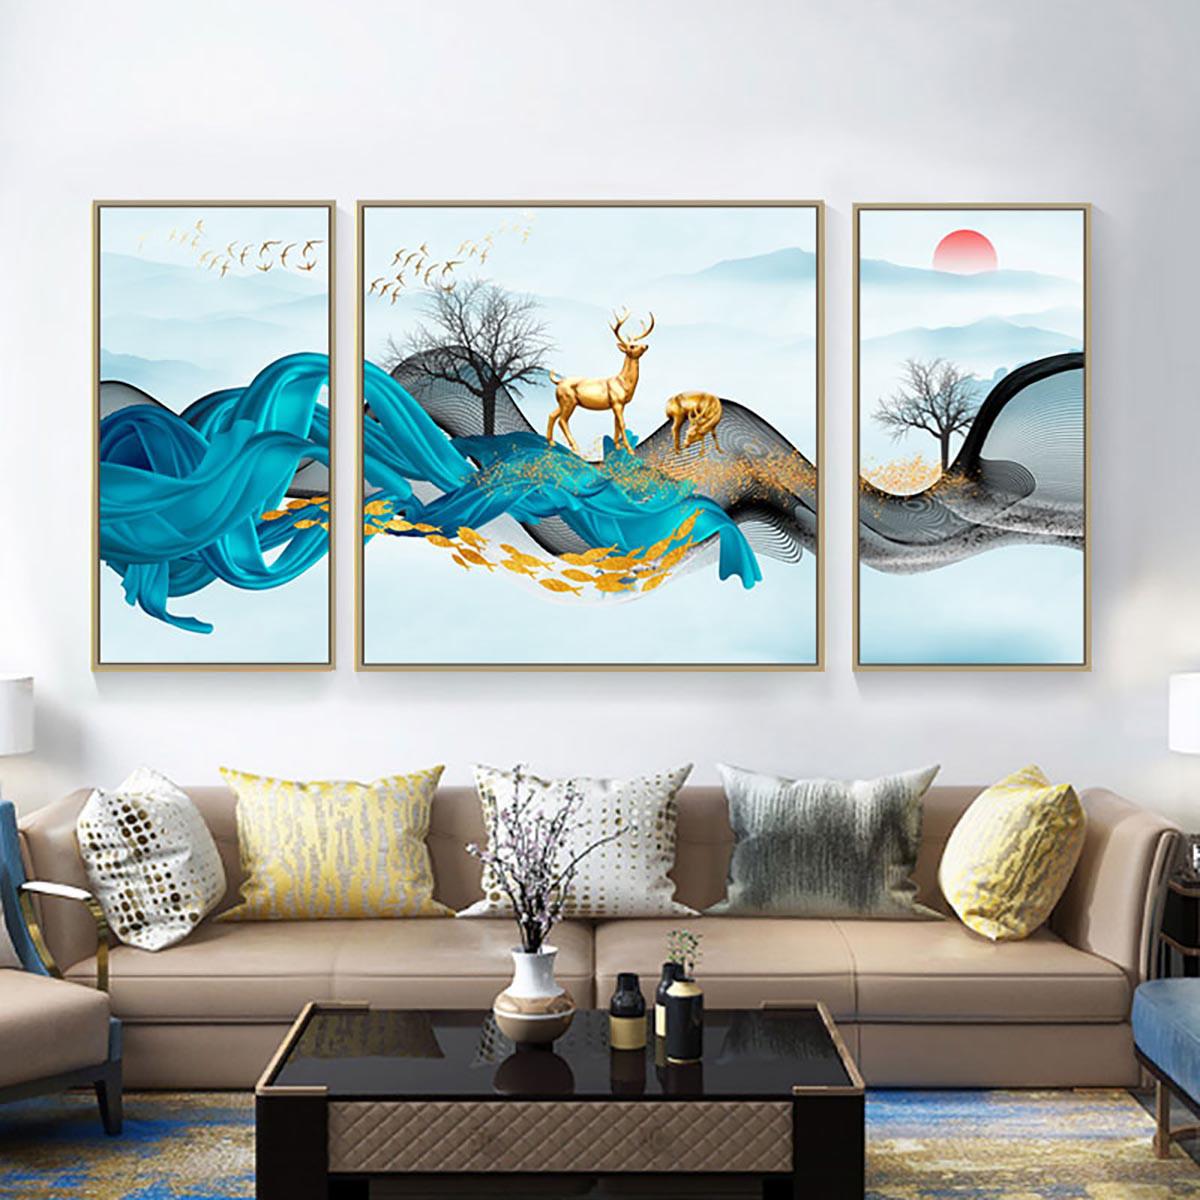 伊佳 客厅装饰画三联画福禄装饰画寓意好壁画沙发背景墙画餐厅画高颜值